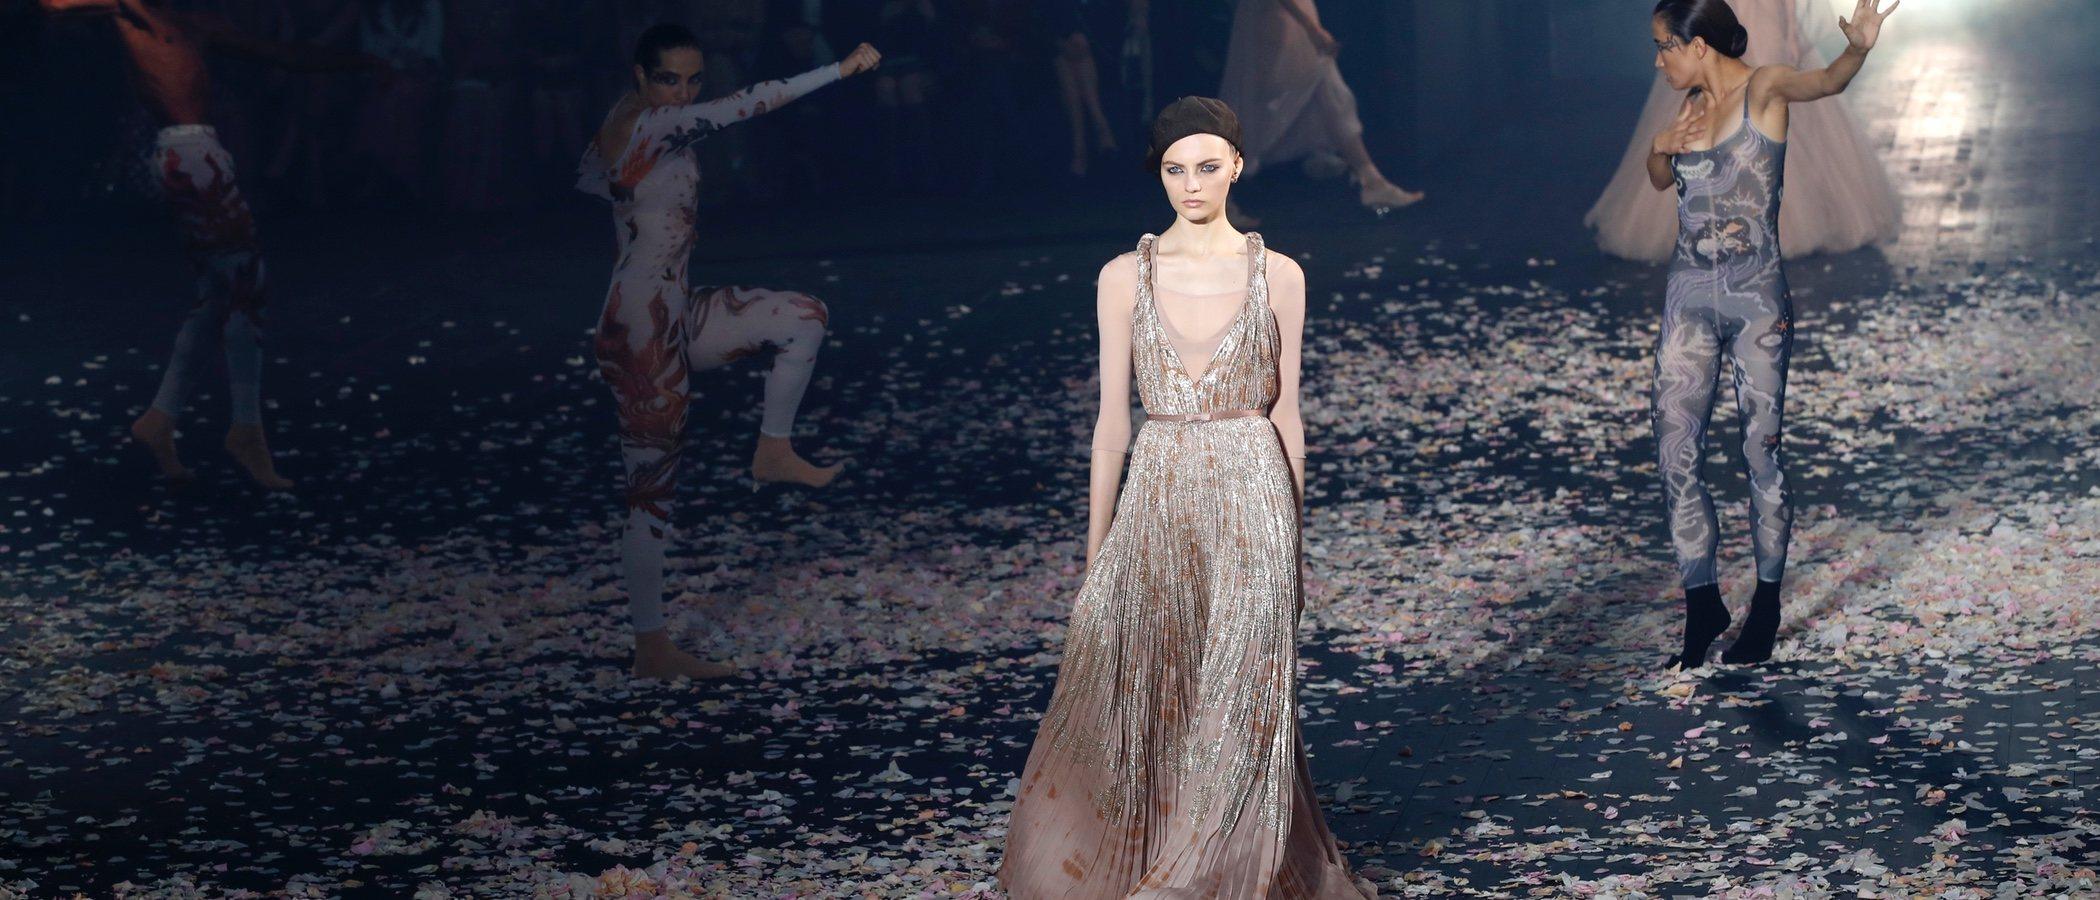 El baile y la moda se unen en la espectacular pasarela de Dior en la Semana de la Moda de París